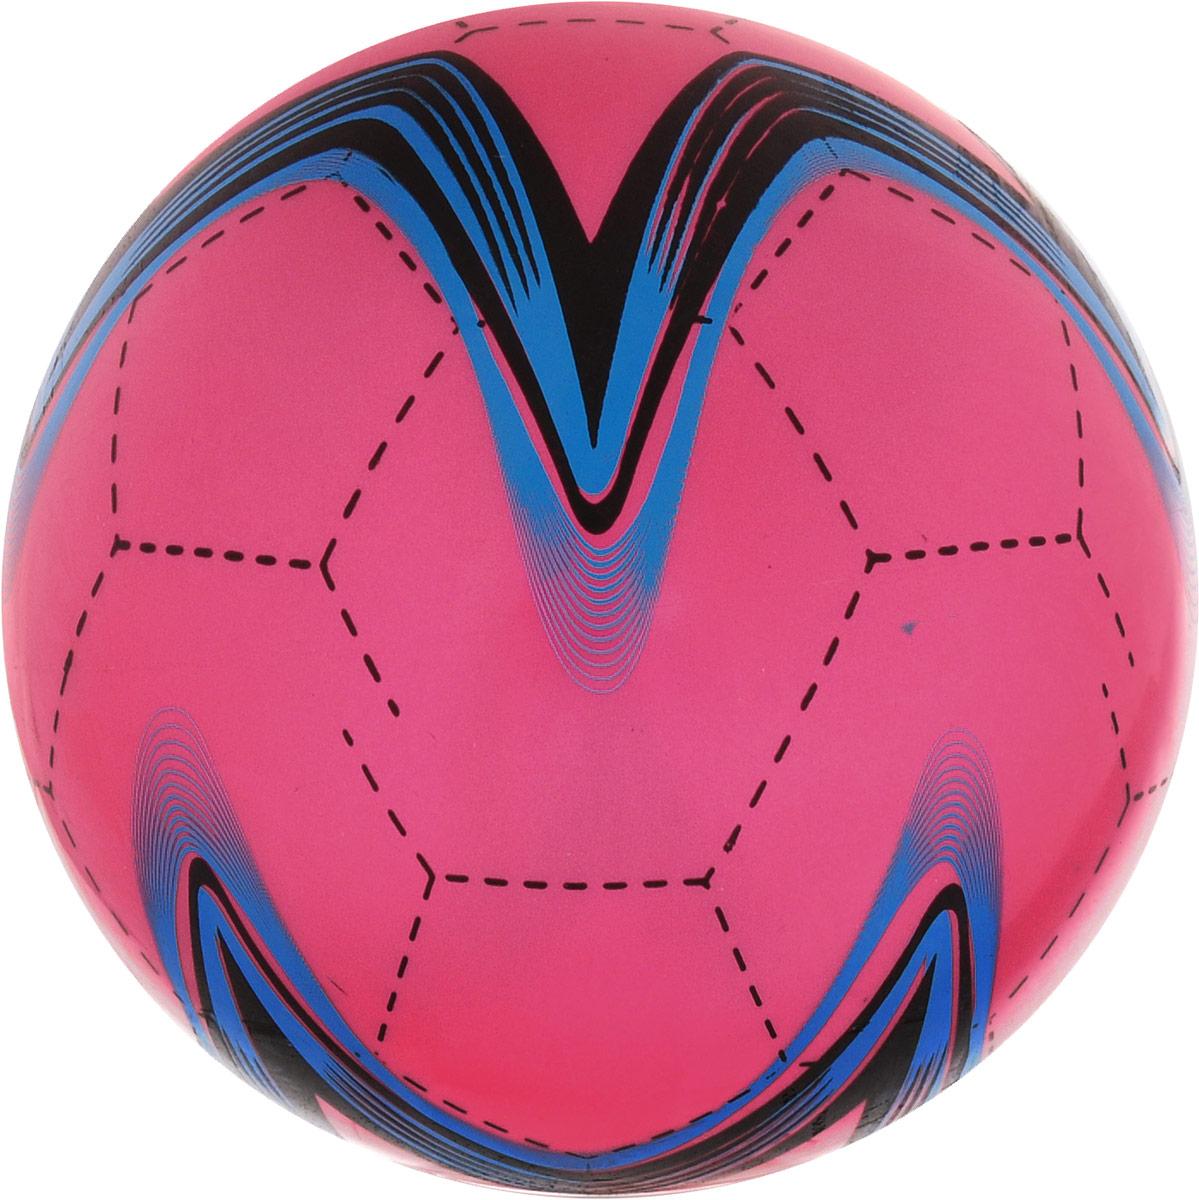 Забияка Мяч Звезда цвет красный 22 см